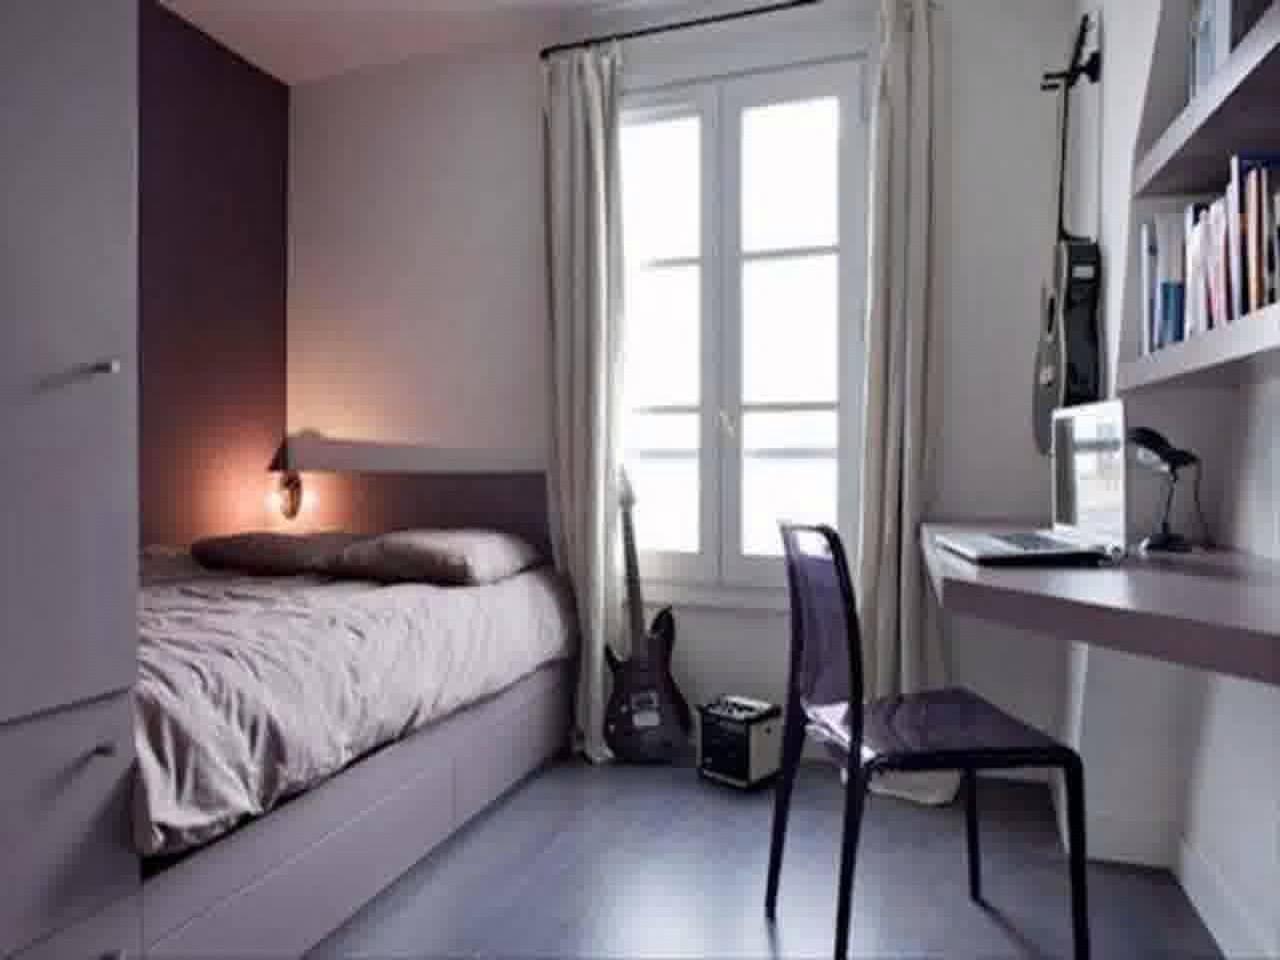 Desain Ruang Tamu Minimalis Ukuran 3x4  Kumpulan Desain  Rumah